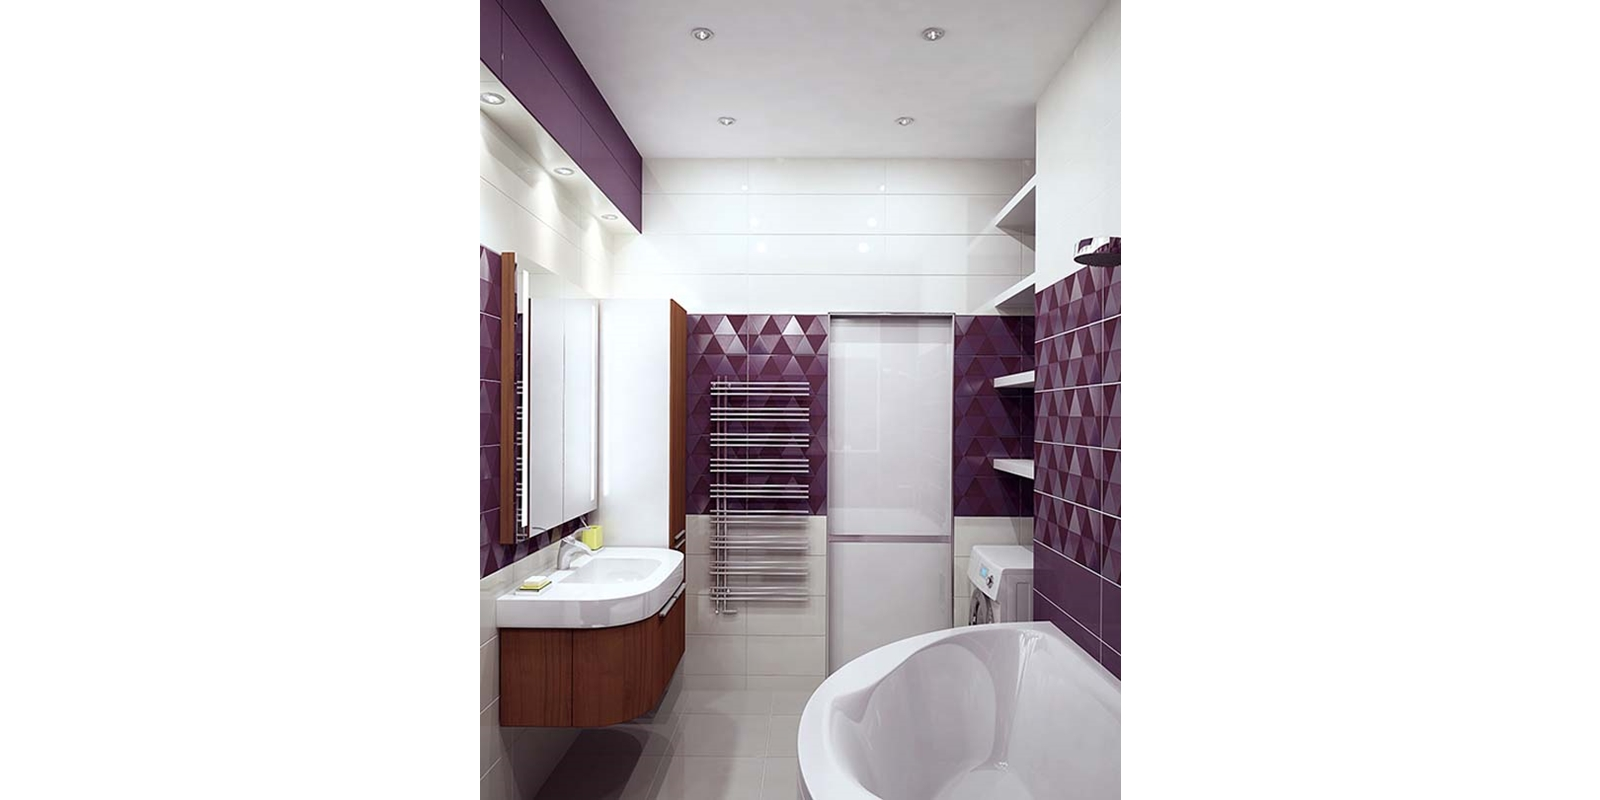 Ý tưởng sáng tạo giúp phòng tắm đẹp hiện đại và tinh tế theo phong cách tối giản